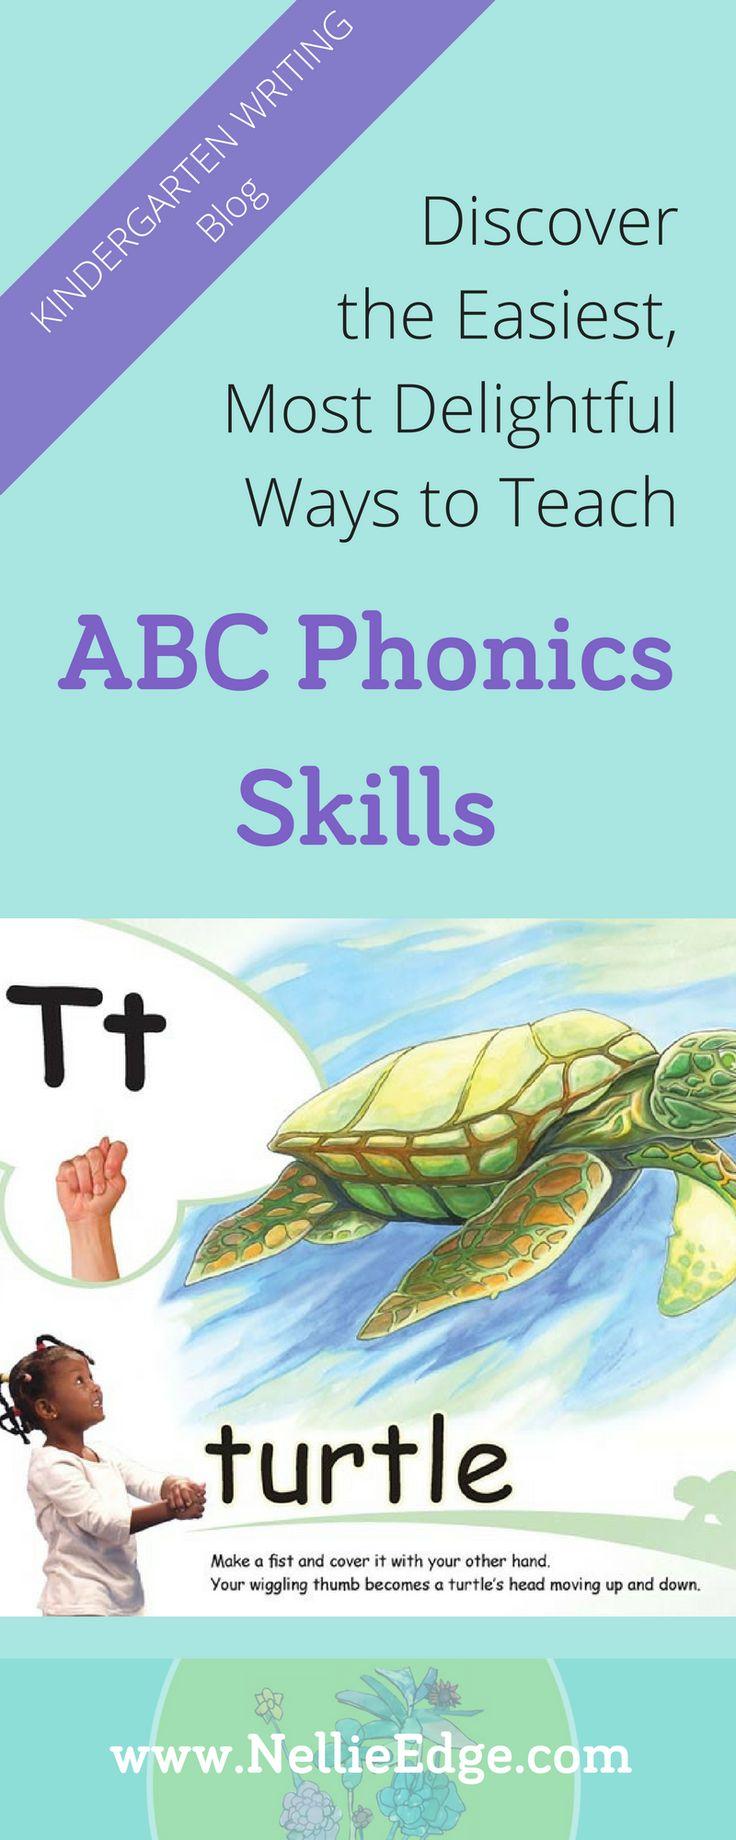 Worksheet Online Phonics Programs worksheet online phonics programs free mikyu 1000 images about abc on pinterest